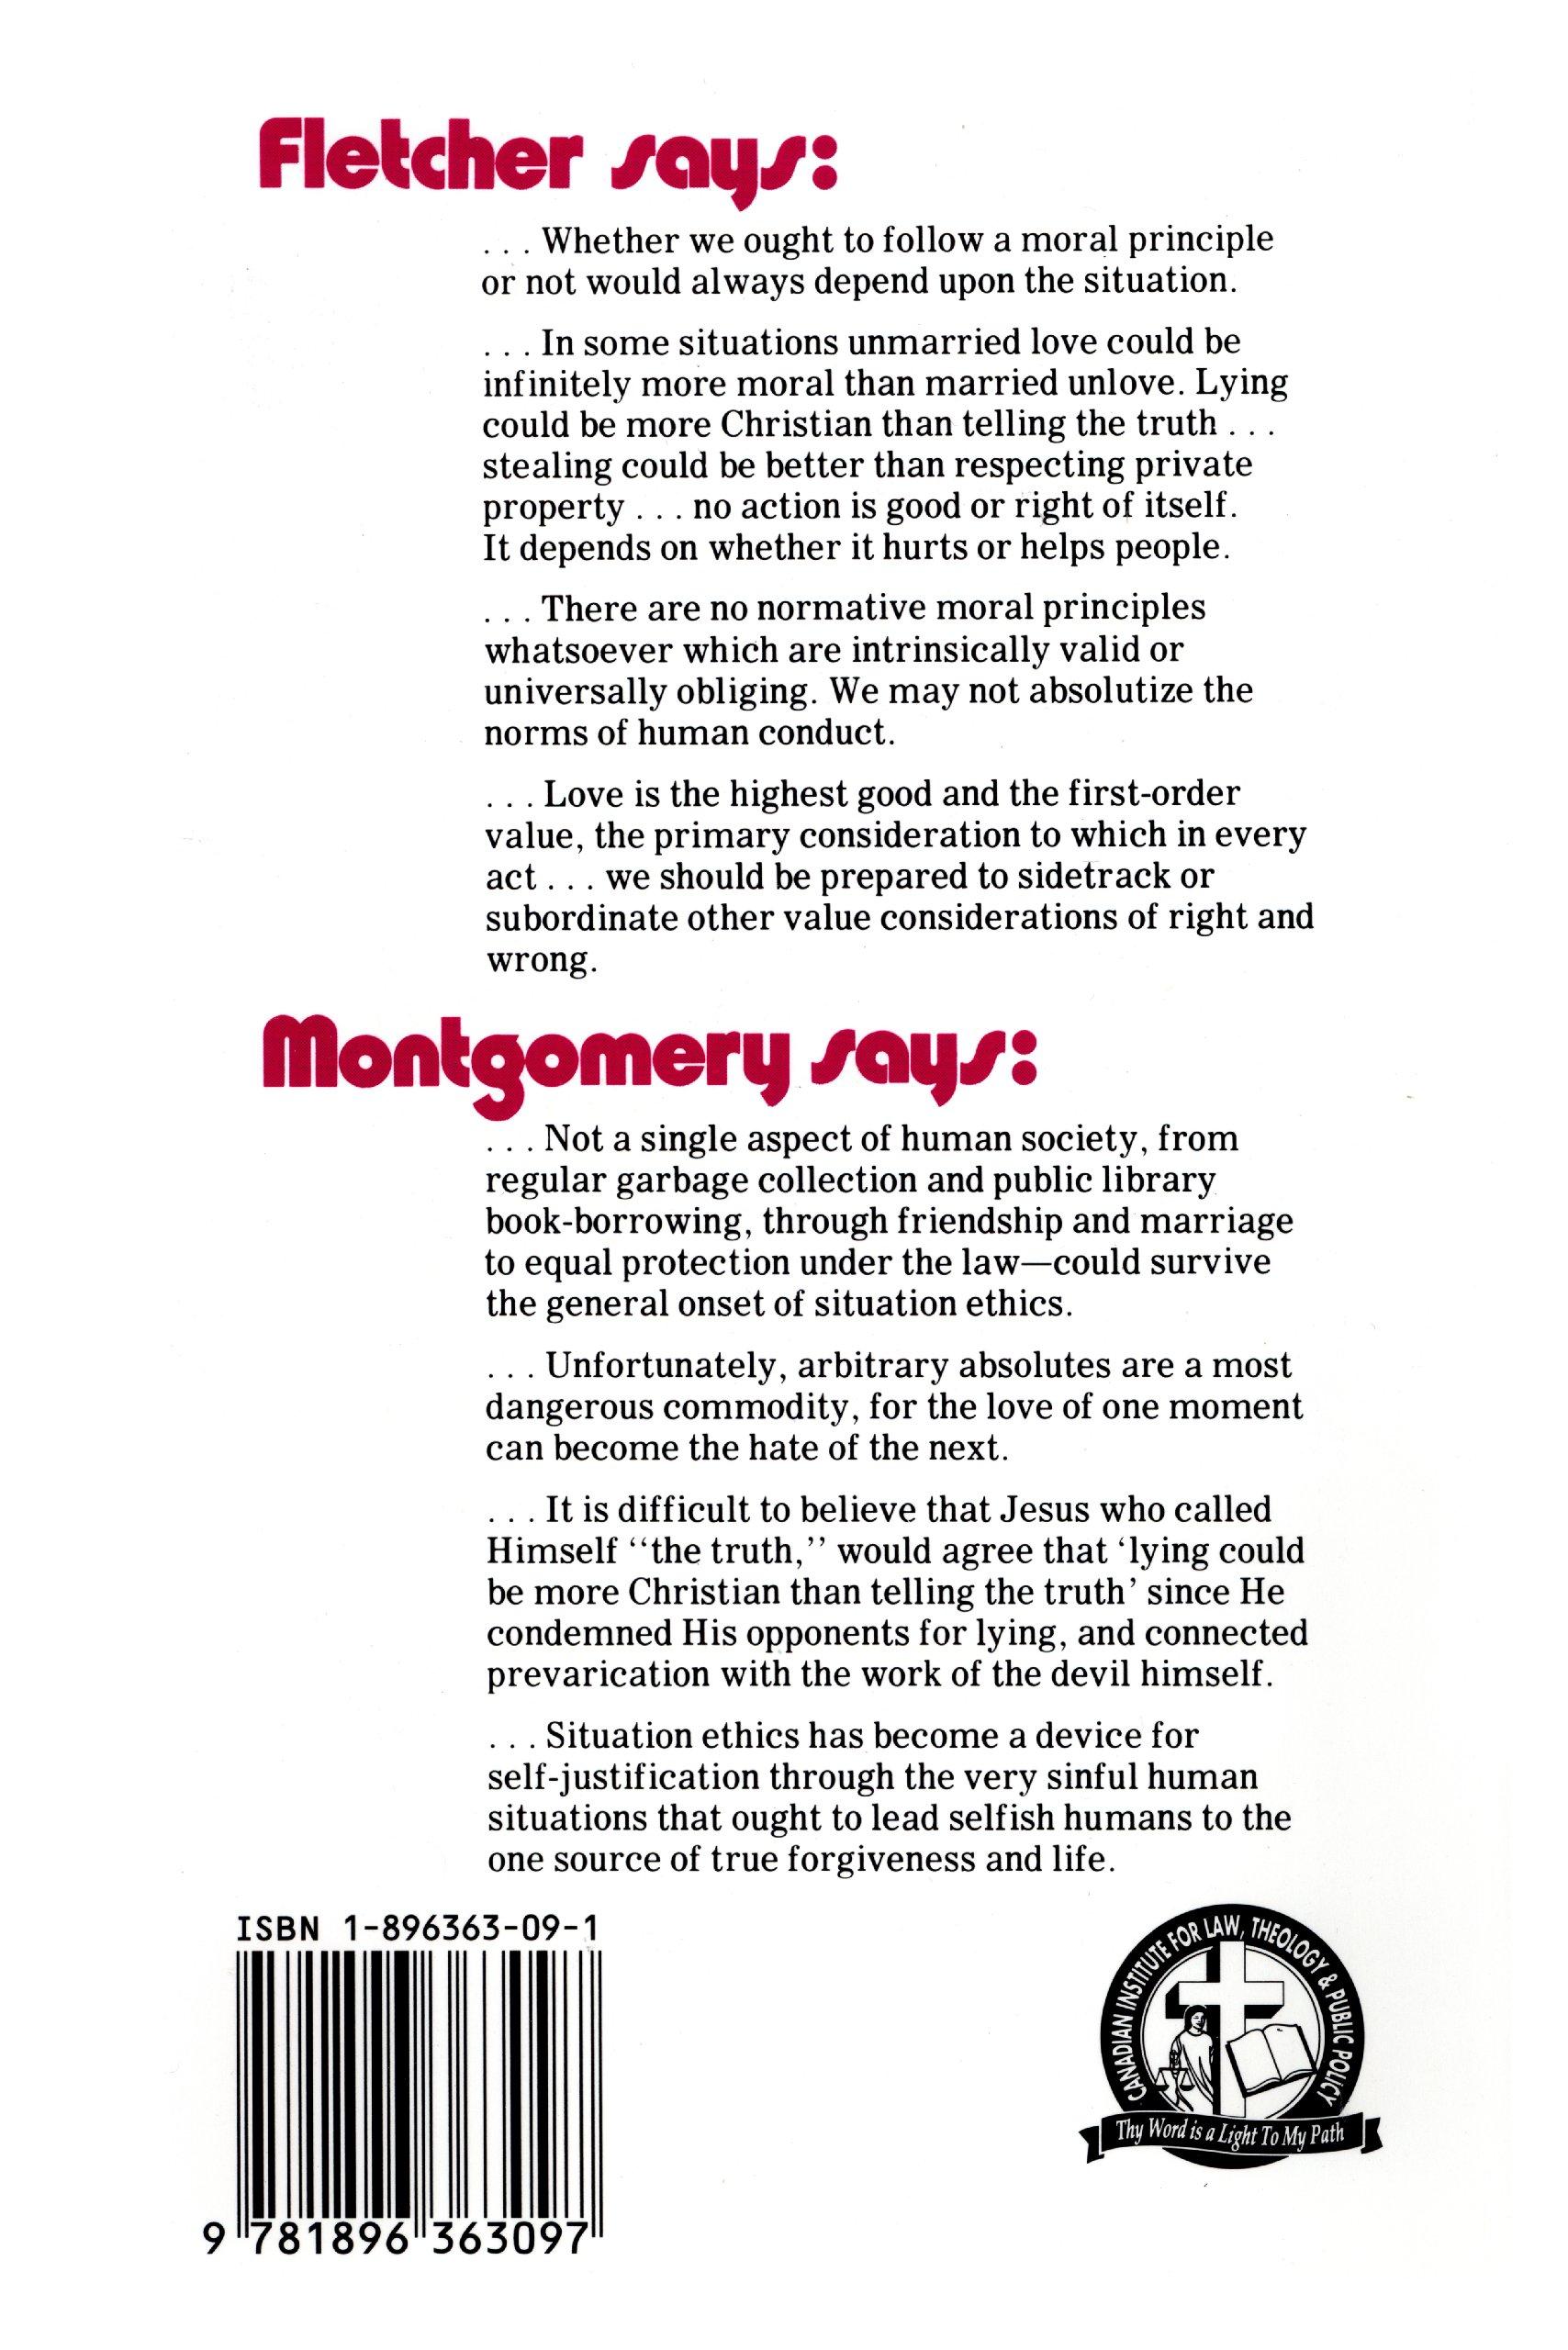 situation ethics john warwick montgomery joseph fletcher situation ethics john warwick montgomery joseph fletcher 9781896363097 amazon com books